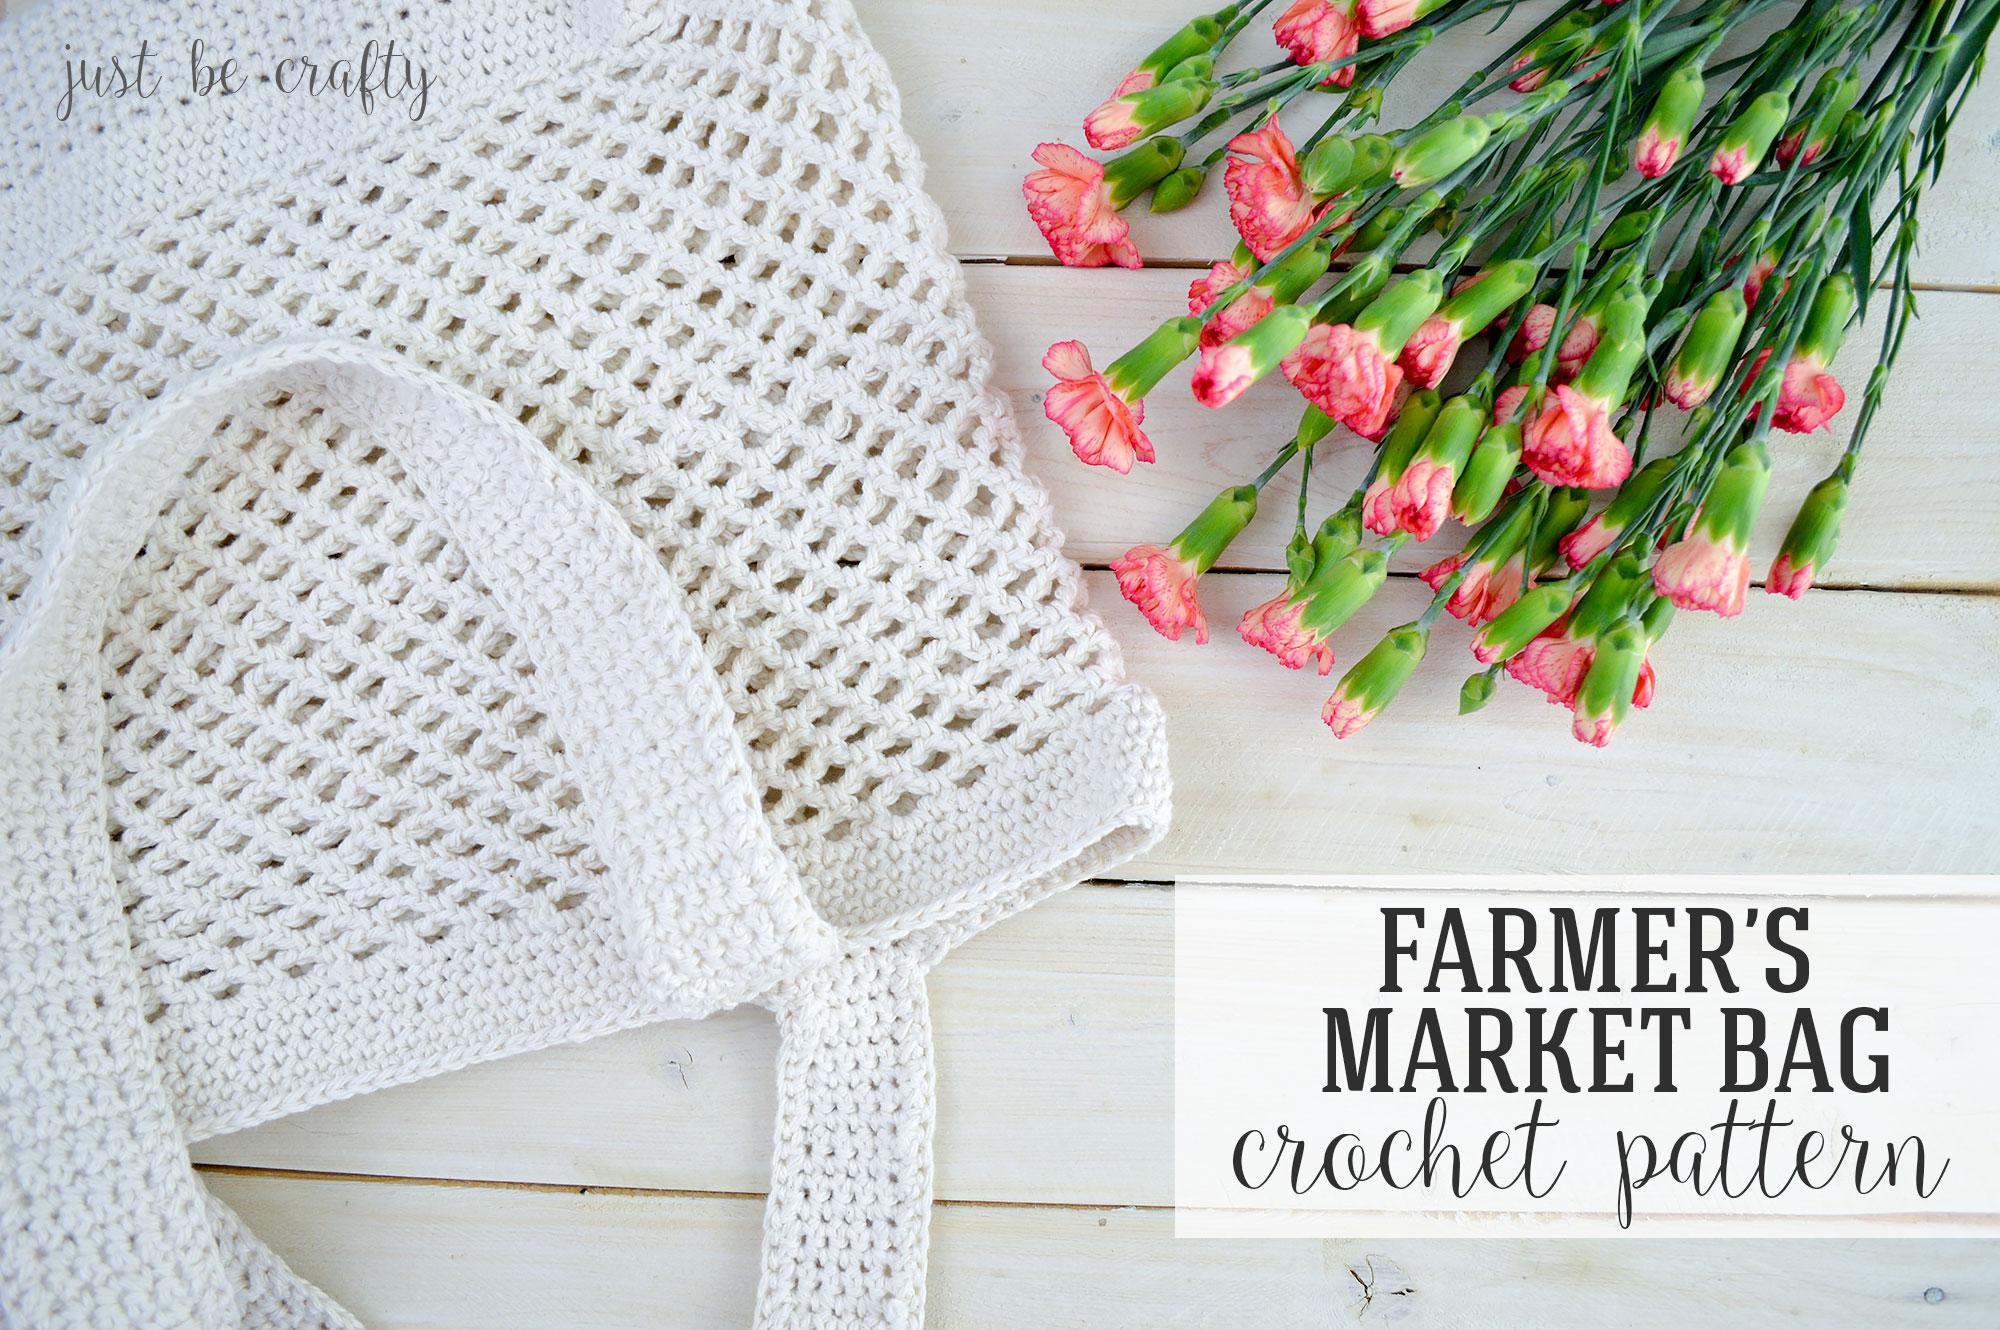 Farmer's Market Tote